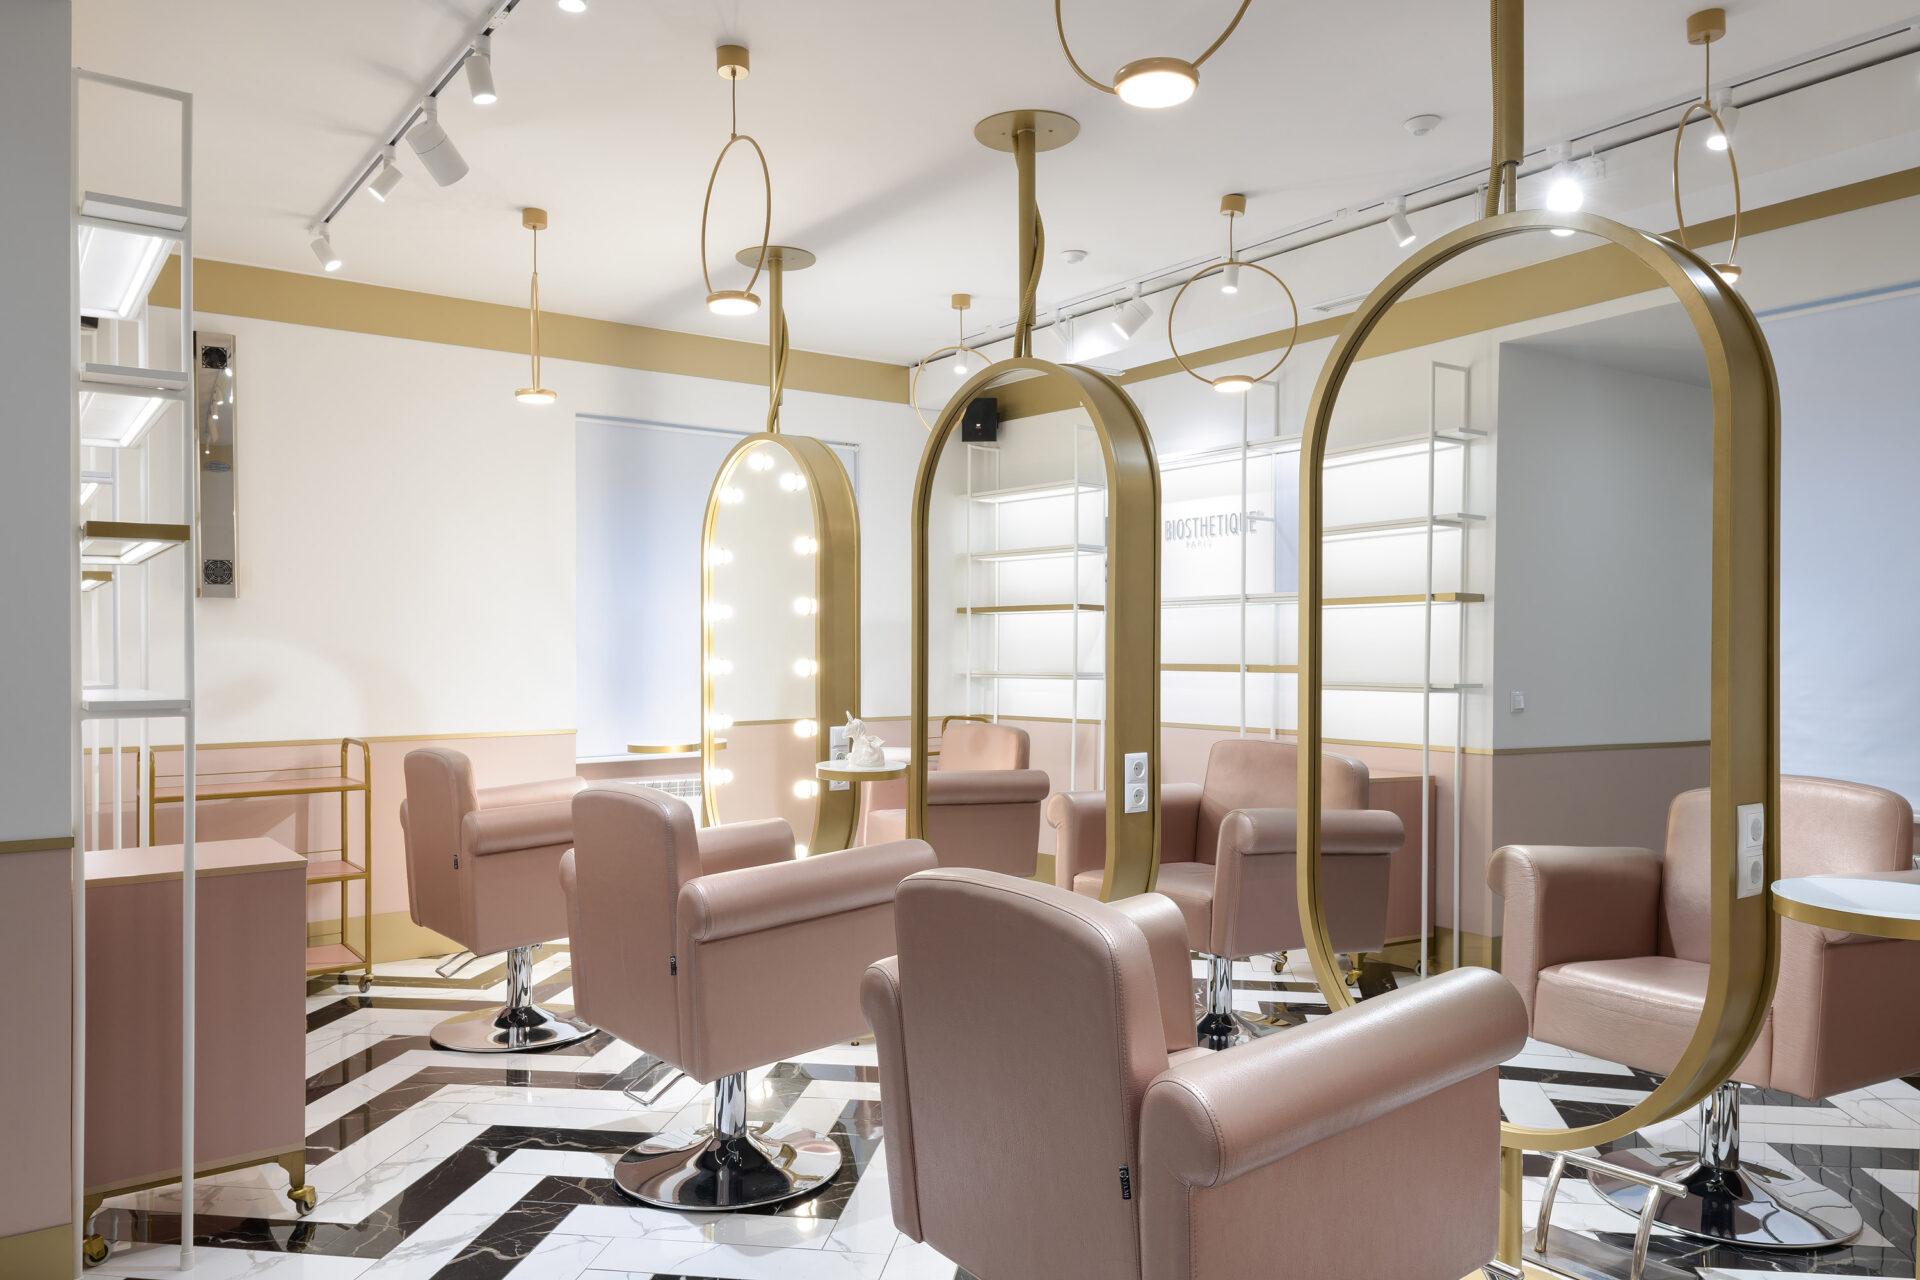 мебель для салонов красоты, зеркало в салон красоты, зеркало для салона красоты, рабочее место парикмахера, рабочее место стилиста, зеркало для визажиста, индивидуальная мебель для салона красоты, салон красоты clipse, мебель салон красоты clipse, салон красоты clipse, clipse